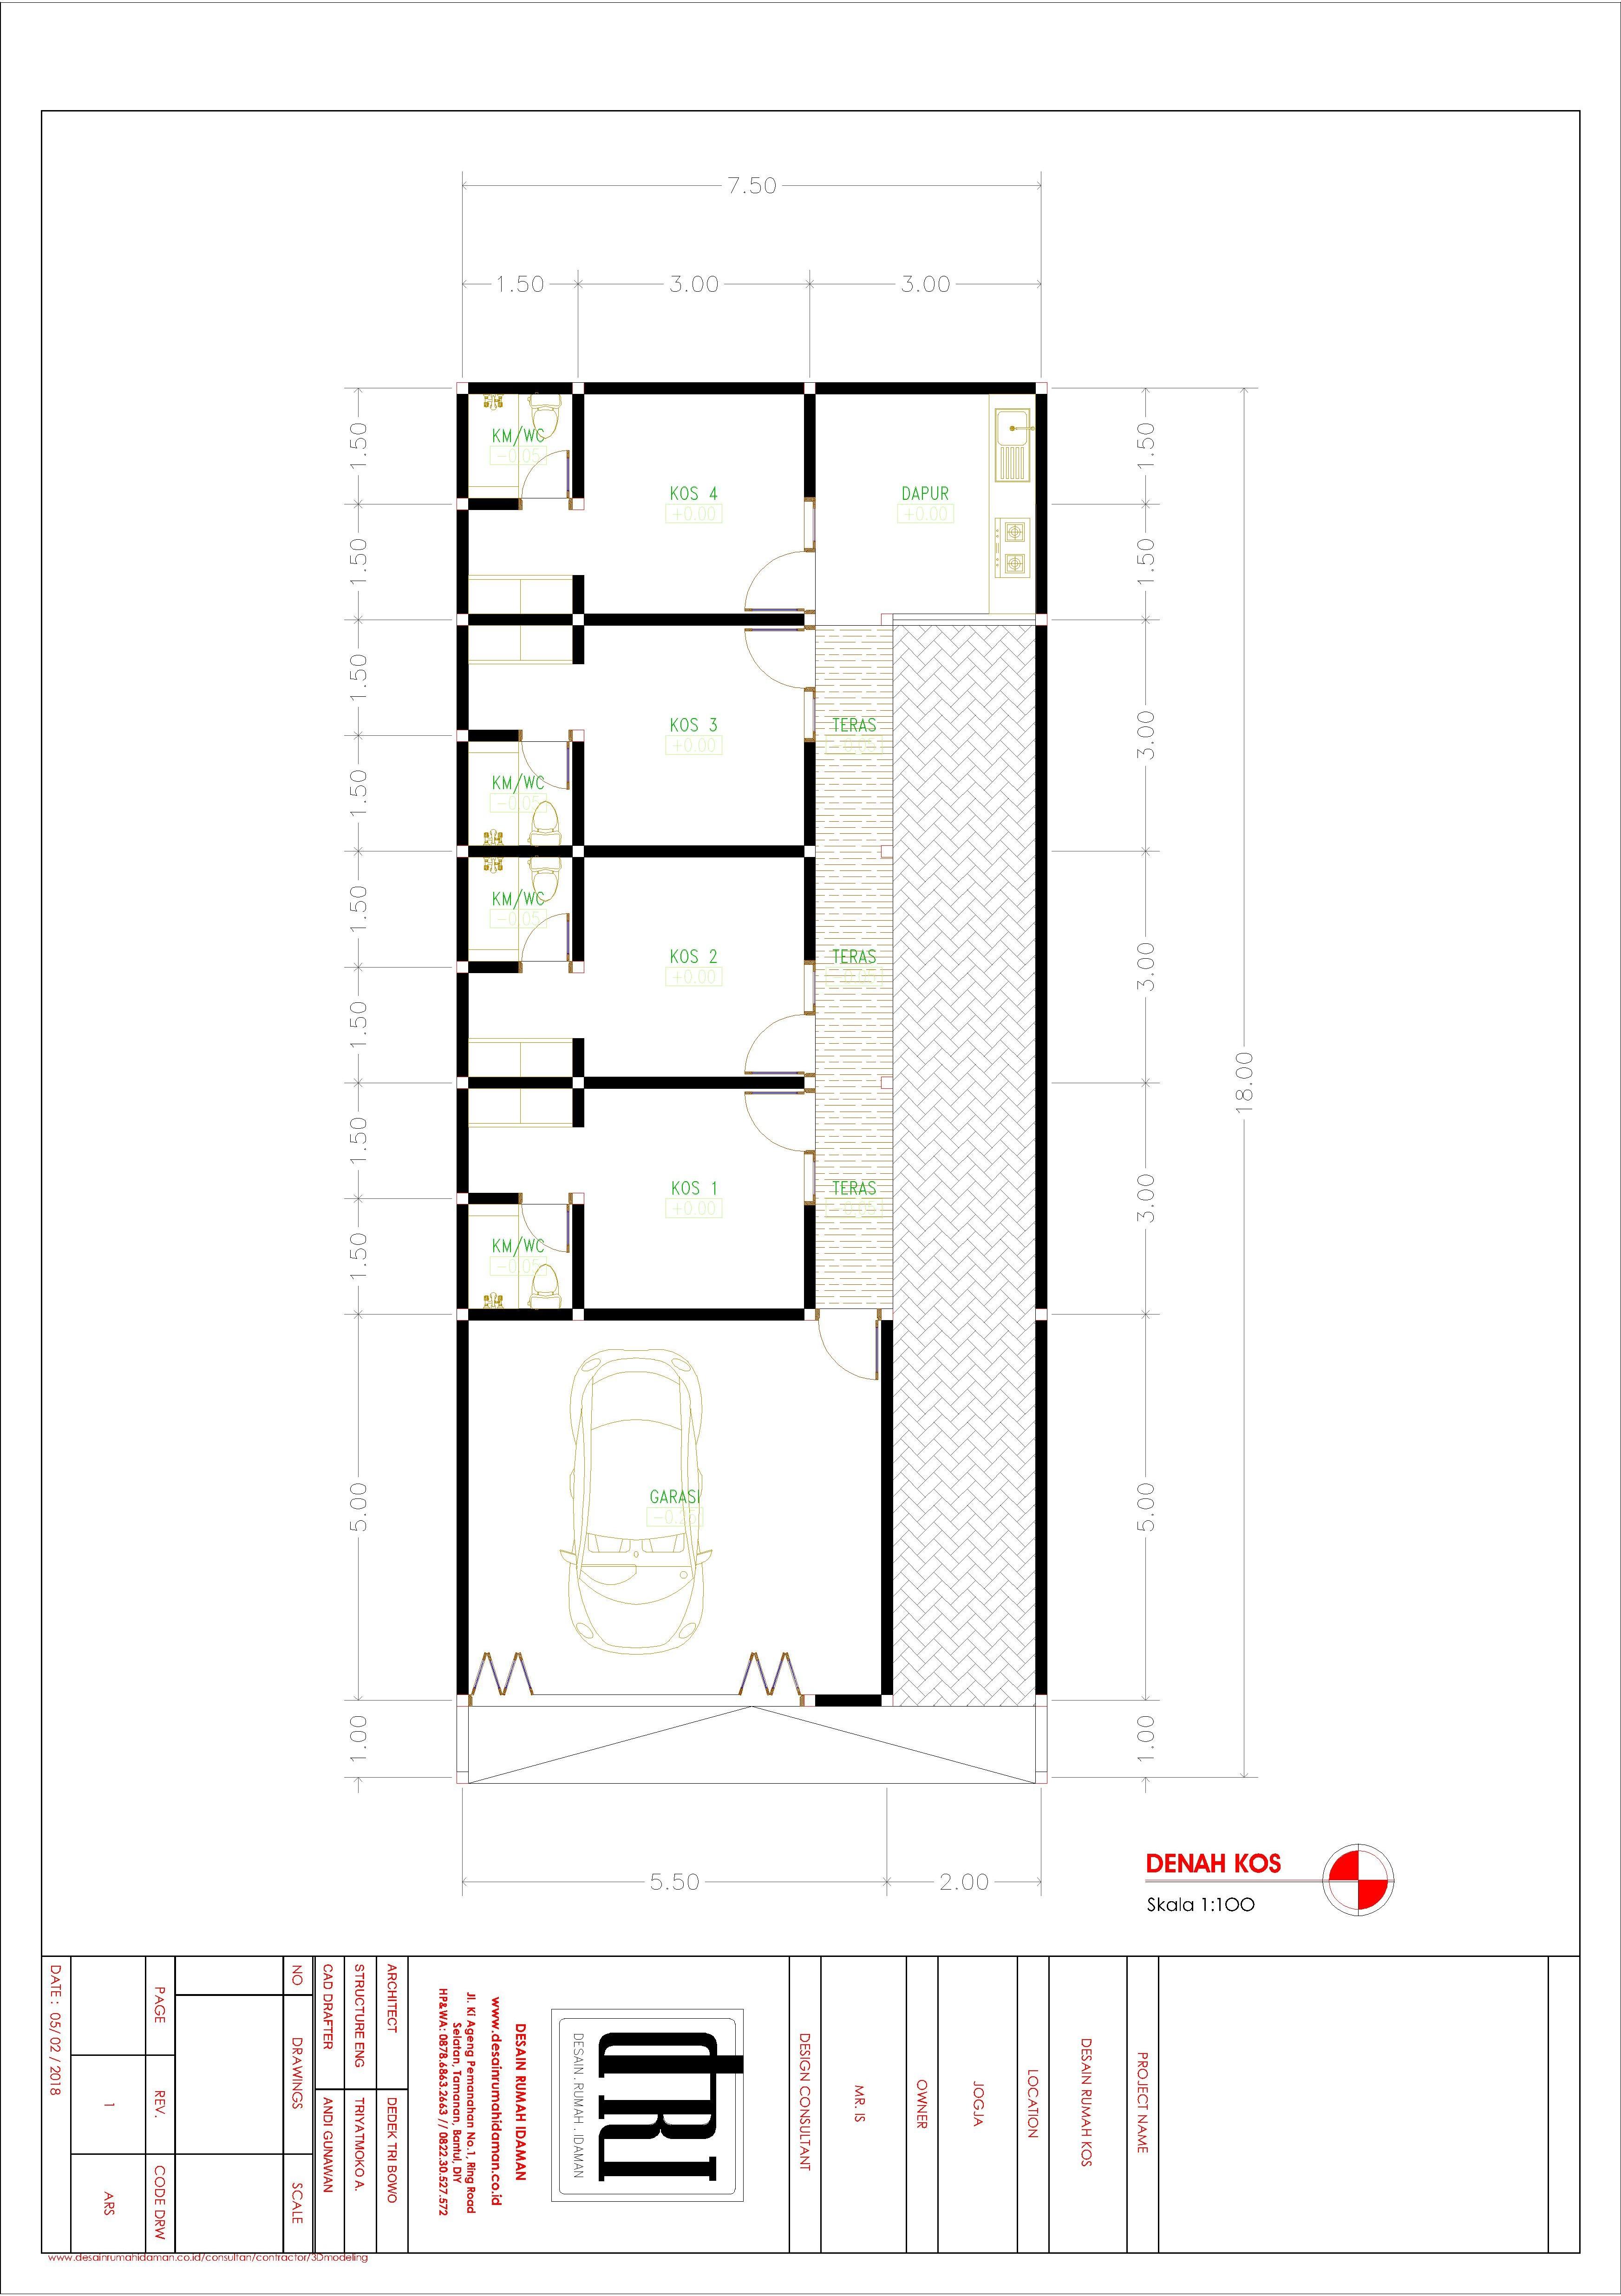 Desain Rumah Kos Mr Iswahyudi Jogjakarta Desain Rumah Idaman